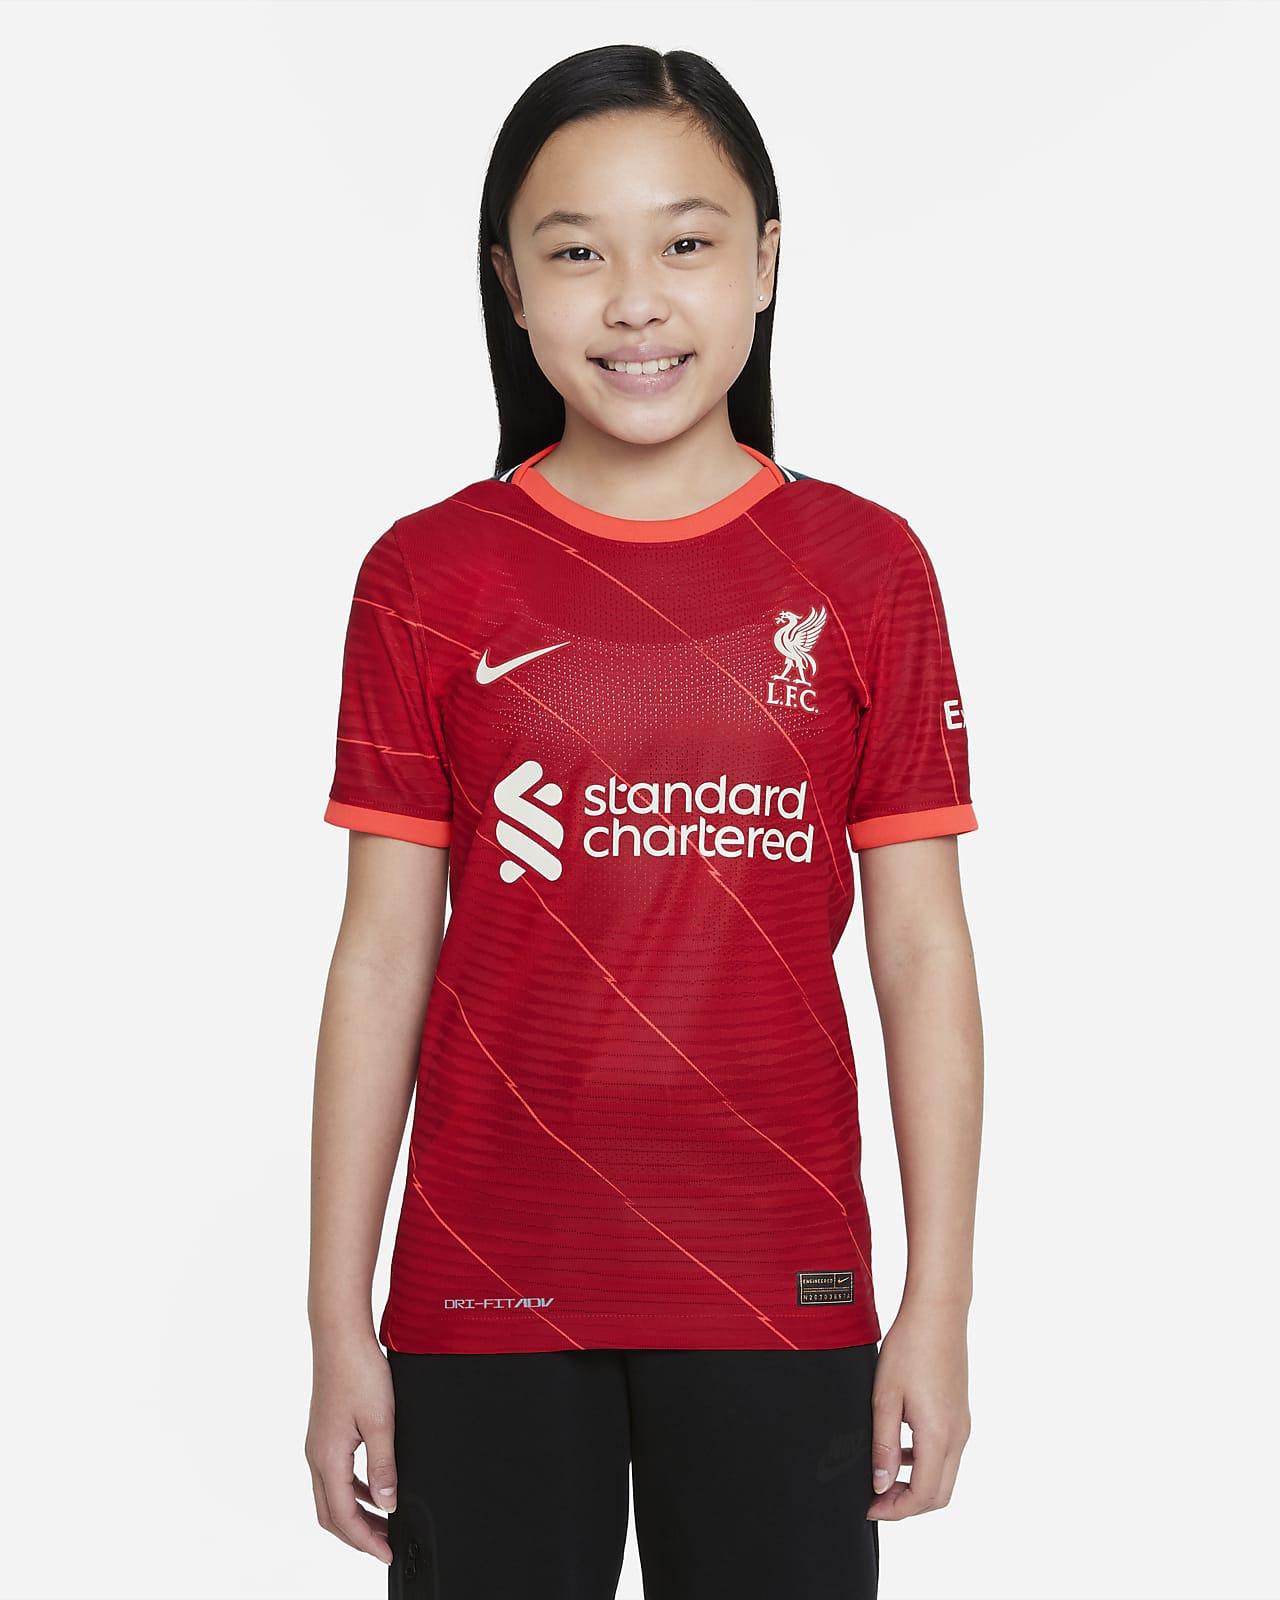 Мужское футбольное джерси для школьников Nike Dri-FIT ADV из домашней формы ФК «Ливерпуль» 2021/22 Match